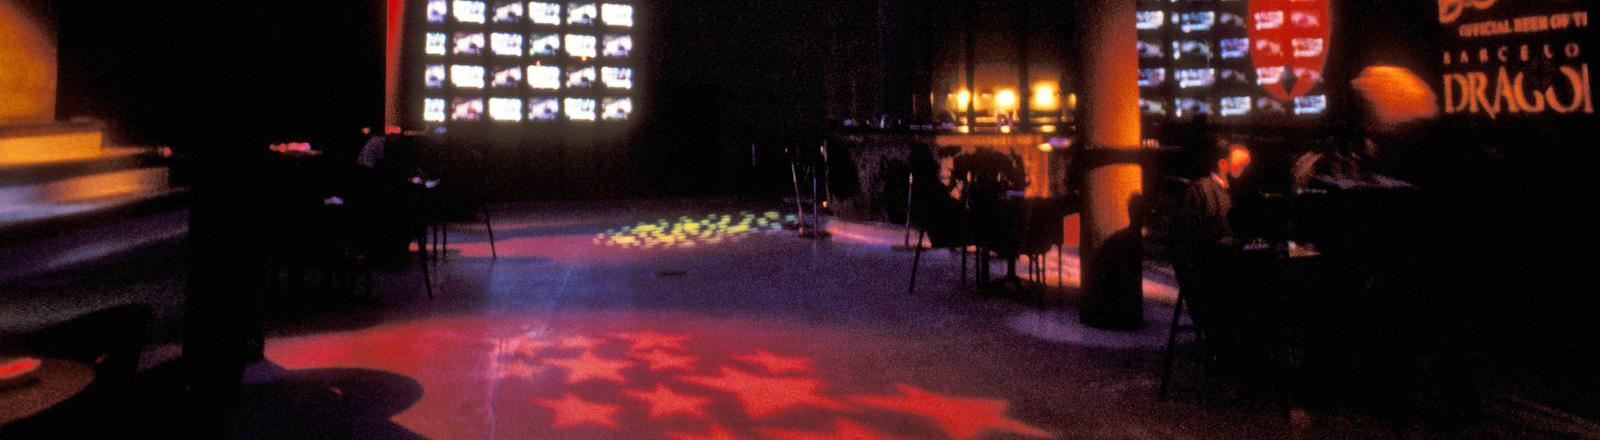 Leere Tanzfläche in einem Club.